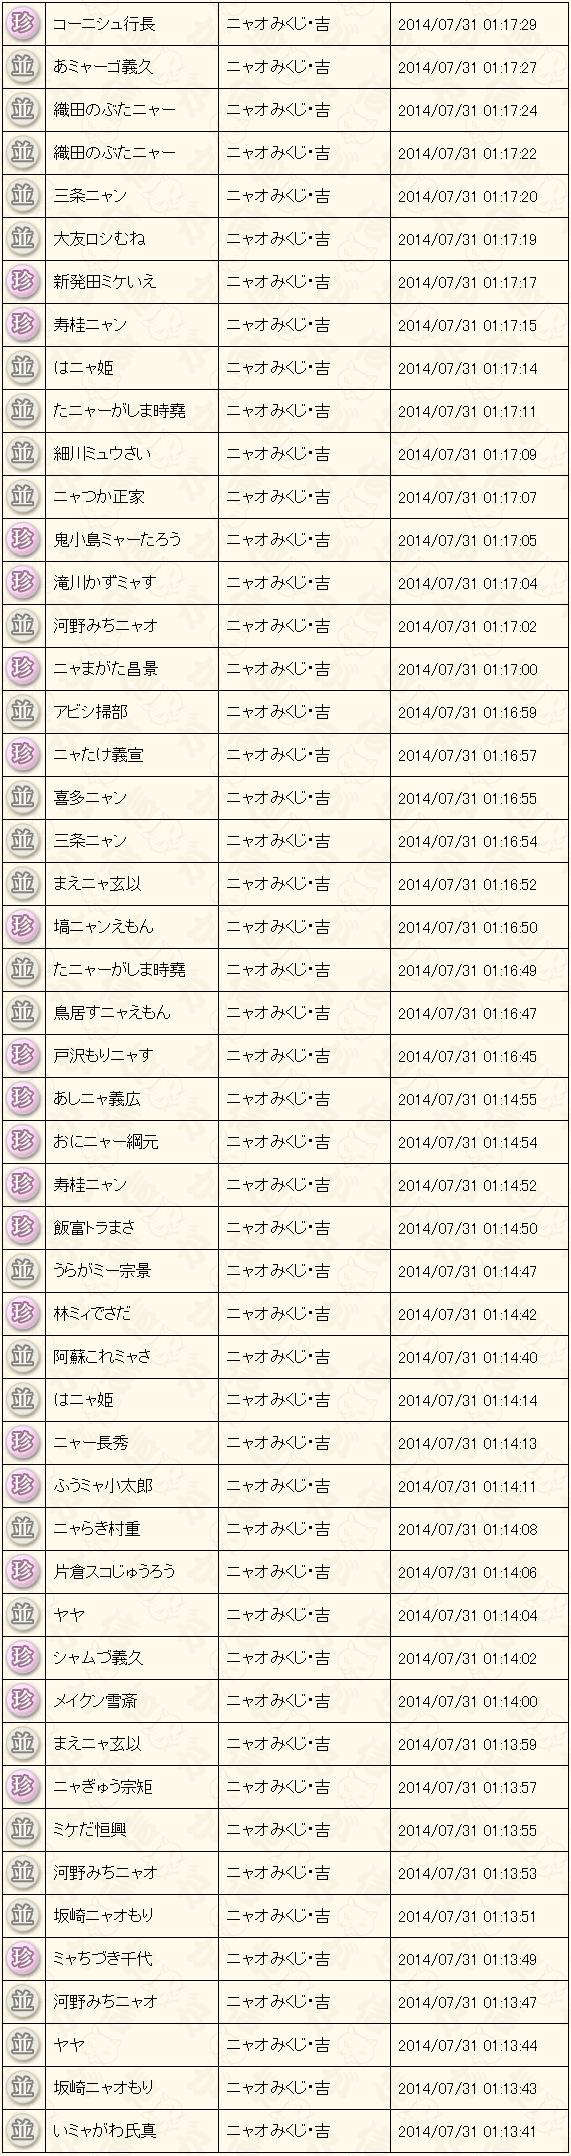 7月末くじ結果2014吉